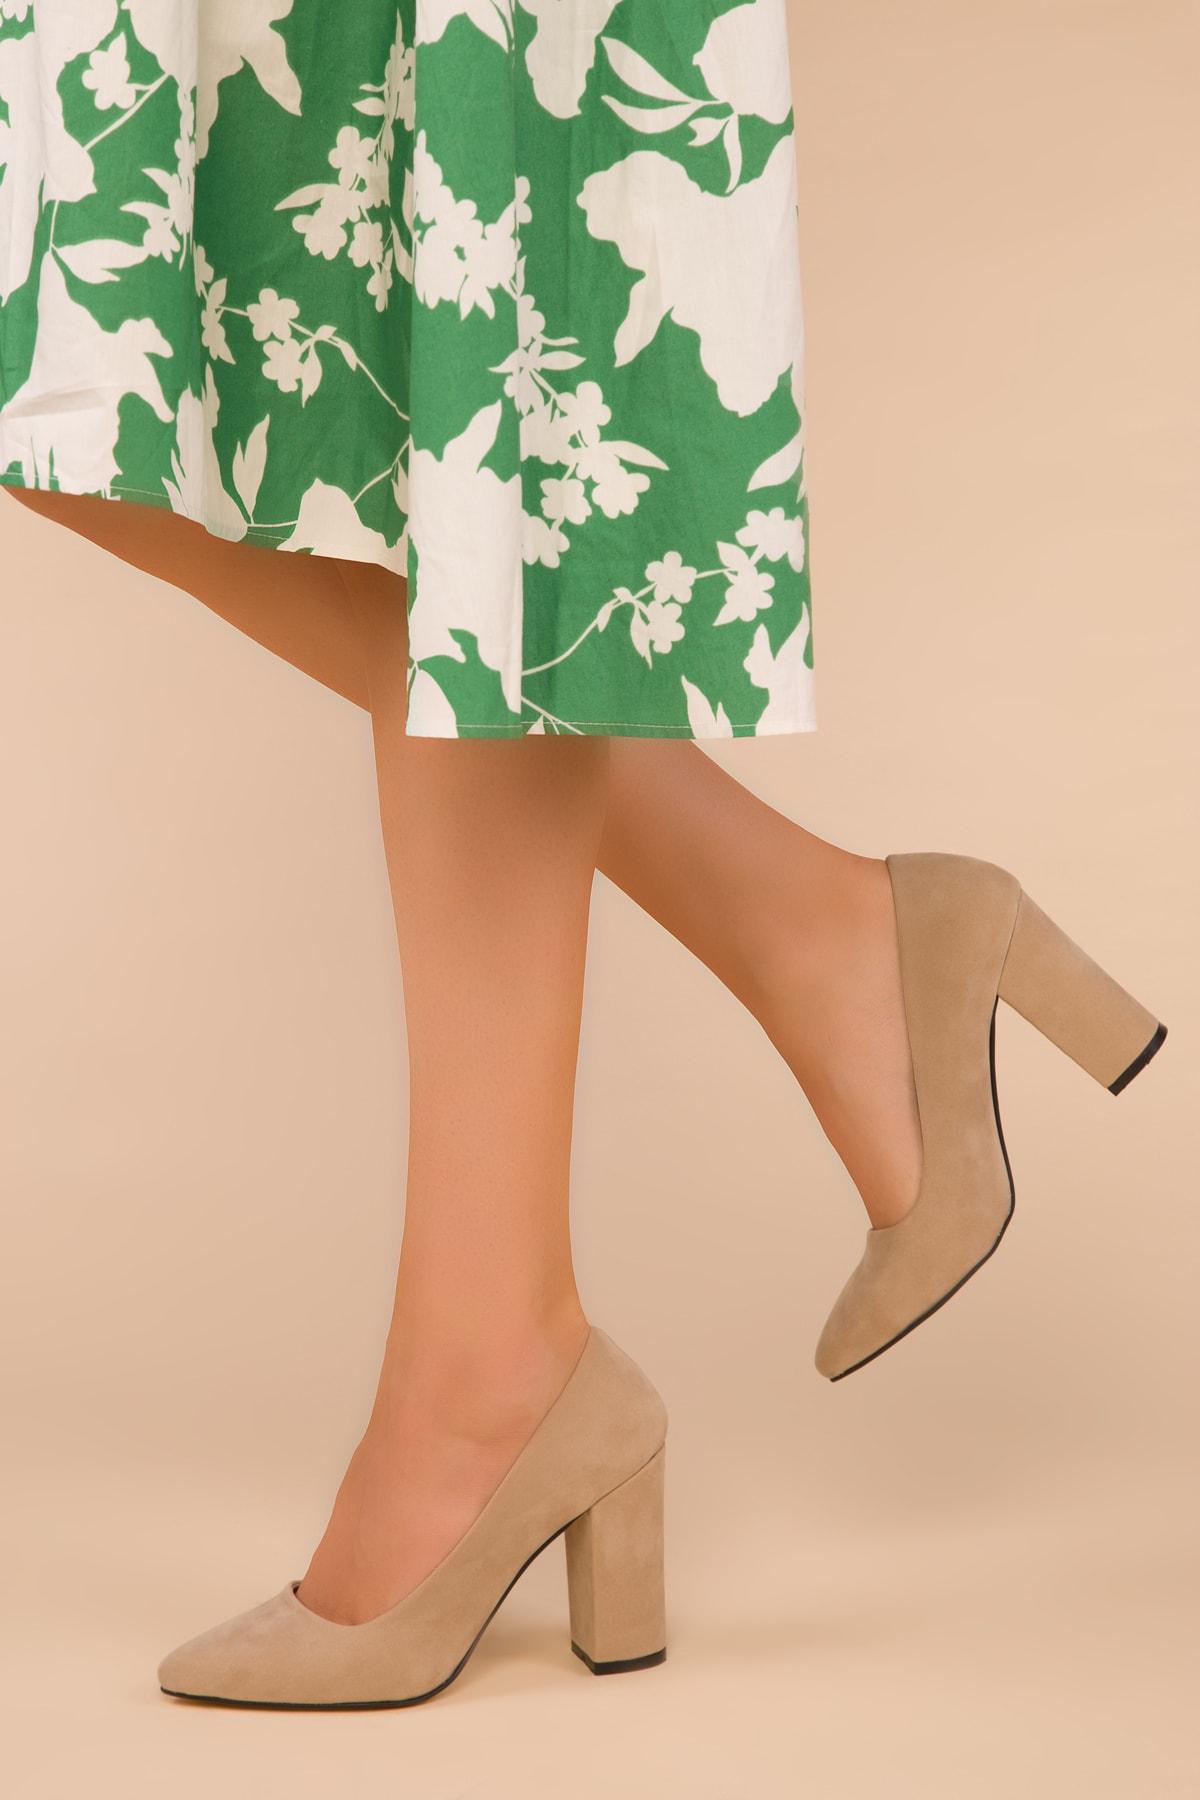 SOHO Ten Süet Kadın Klasik Topuklu Ayakkabı 15313 1